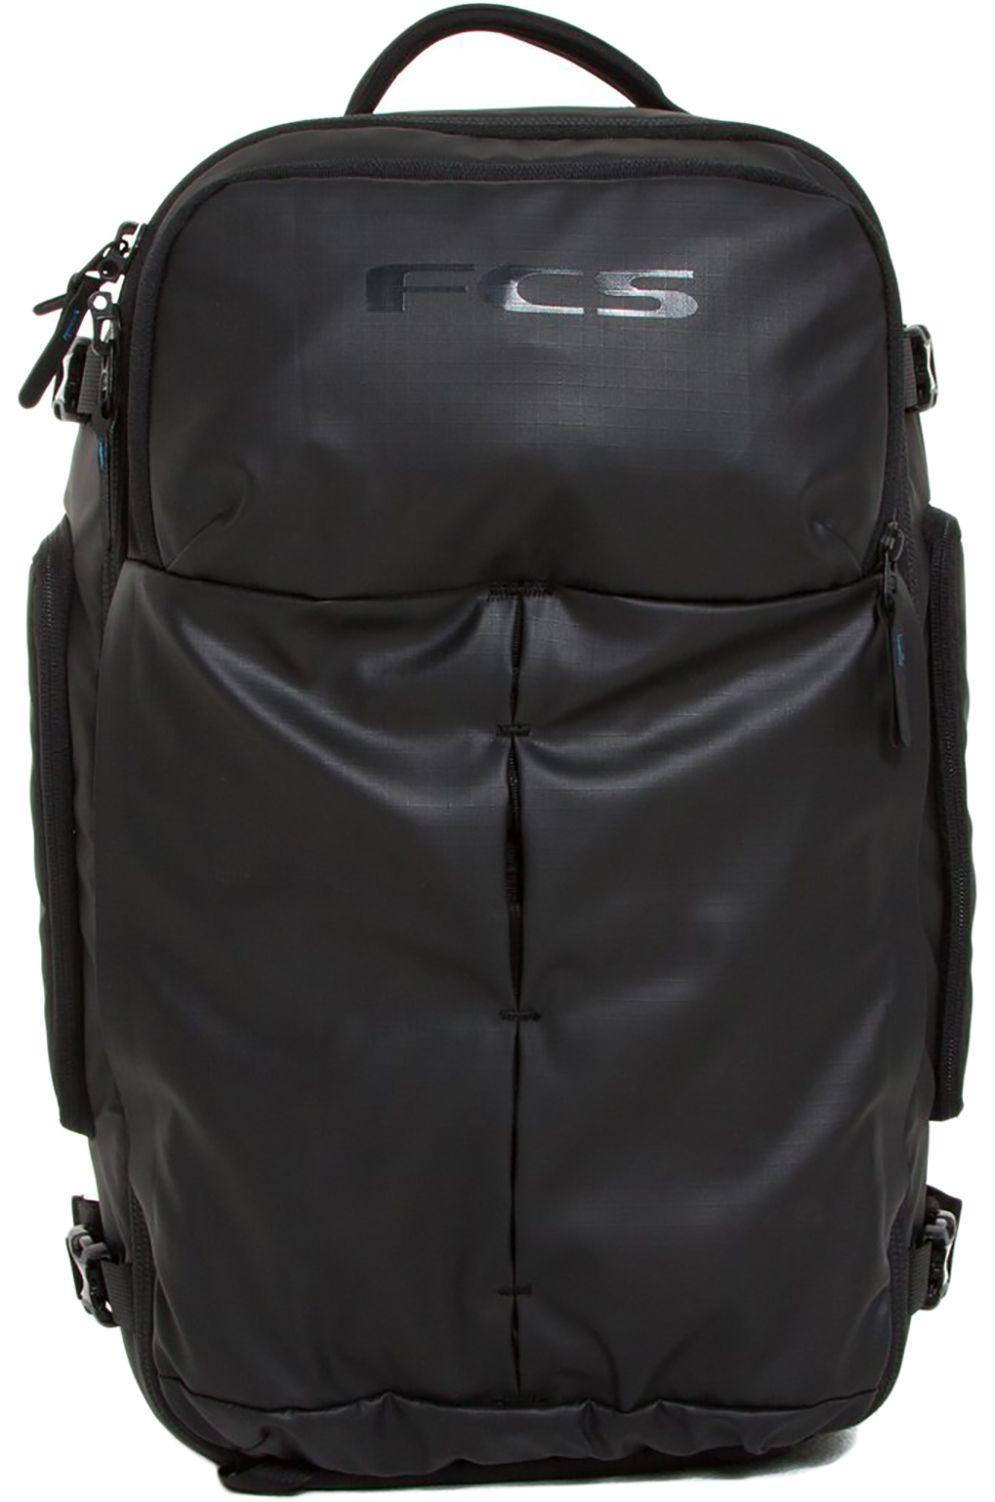 Fcs Backpack MISSION Black